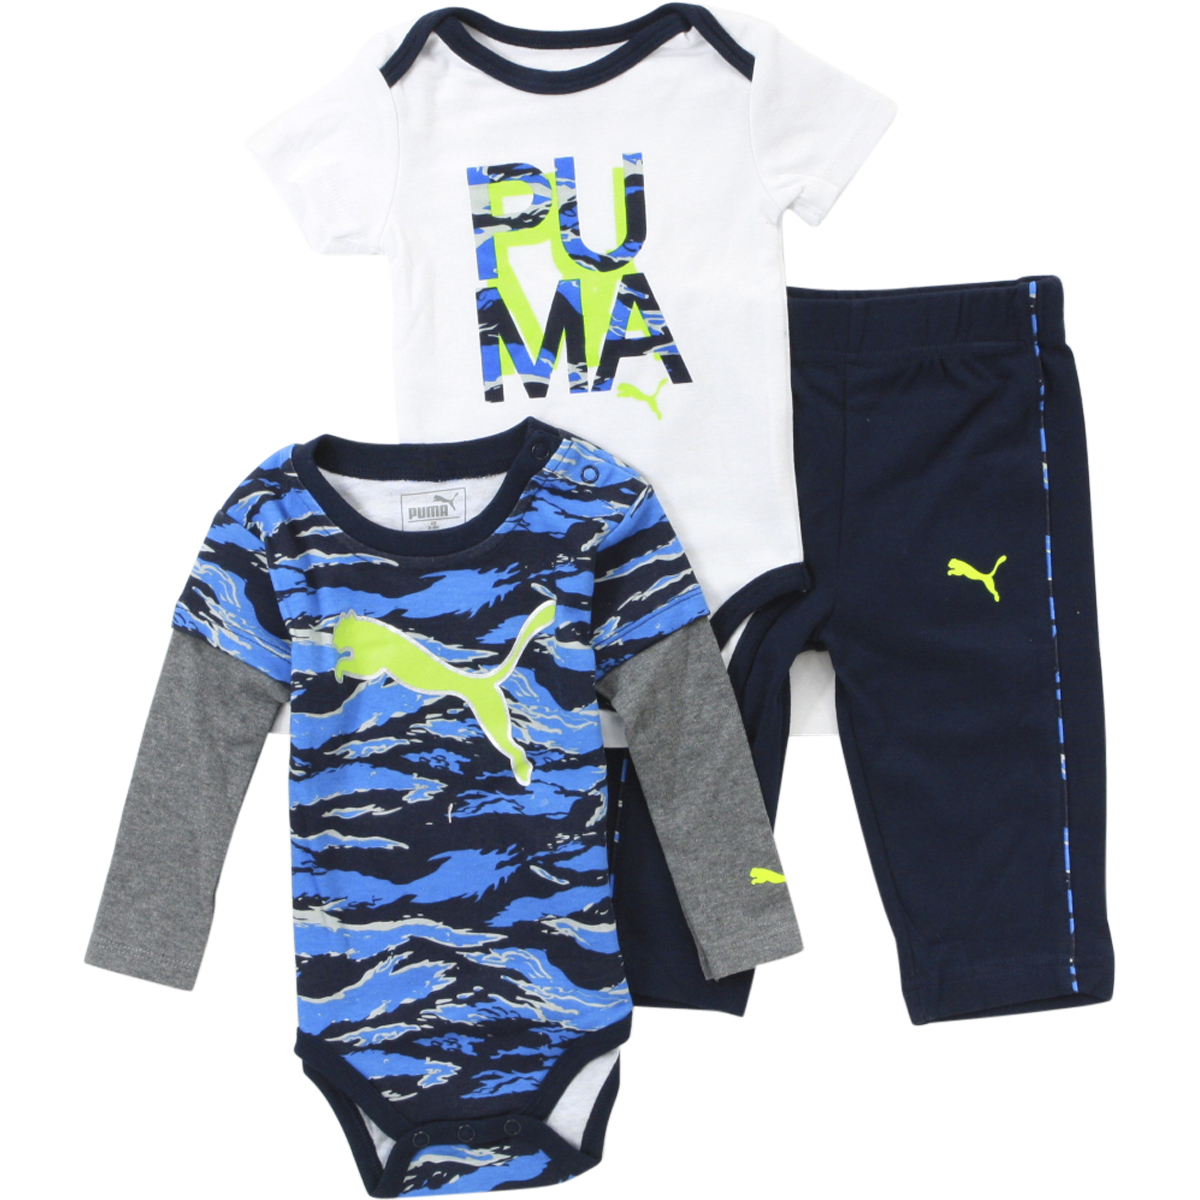 245bd0a3 Details about Puma Infant Boy's Cat Logo 3-Piece Newborn Deep Navy Bodysuit  & Pant Set